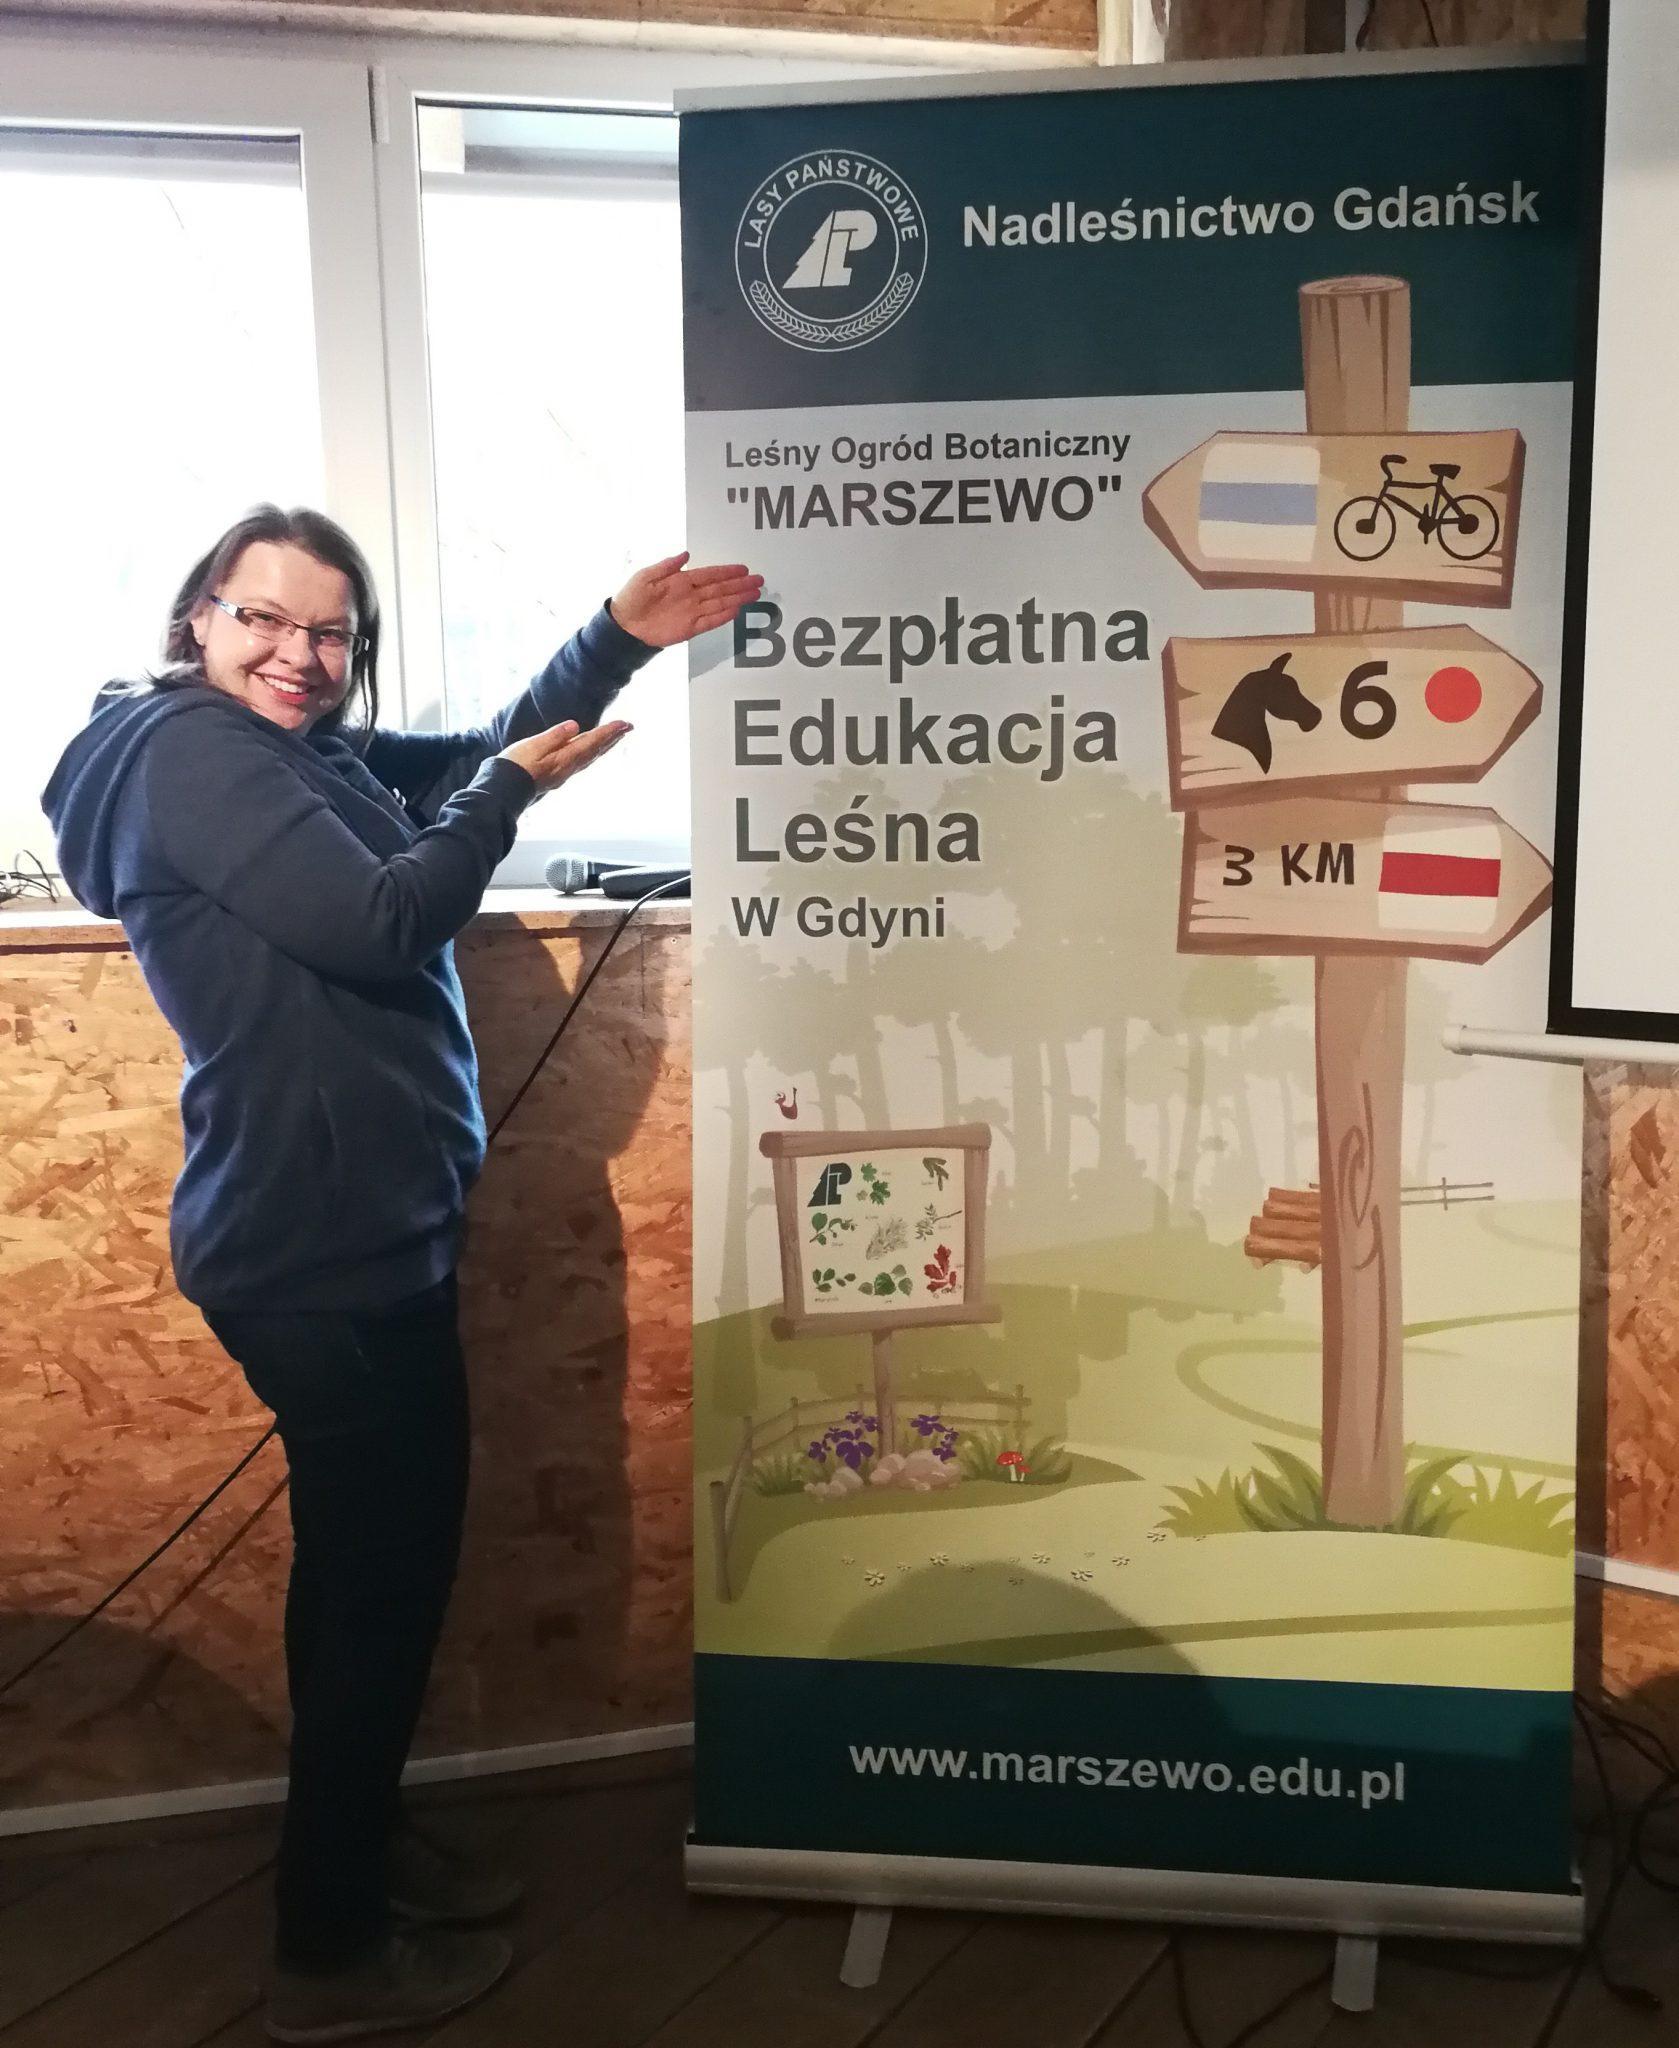 Leśny-Ogród-Botaniczny-w-Marszewie-na-zdjęciu-Przewodnik-po-Trójmieście-Ania-Anna-Kotula